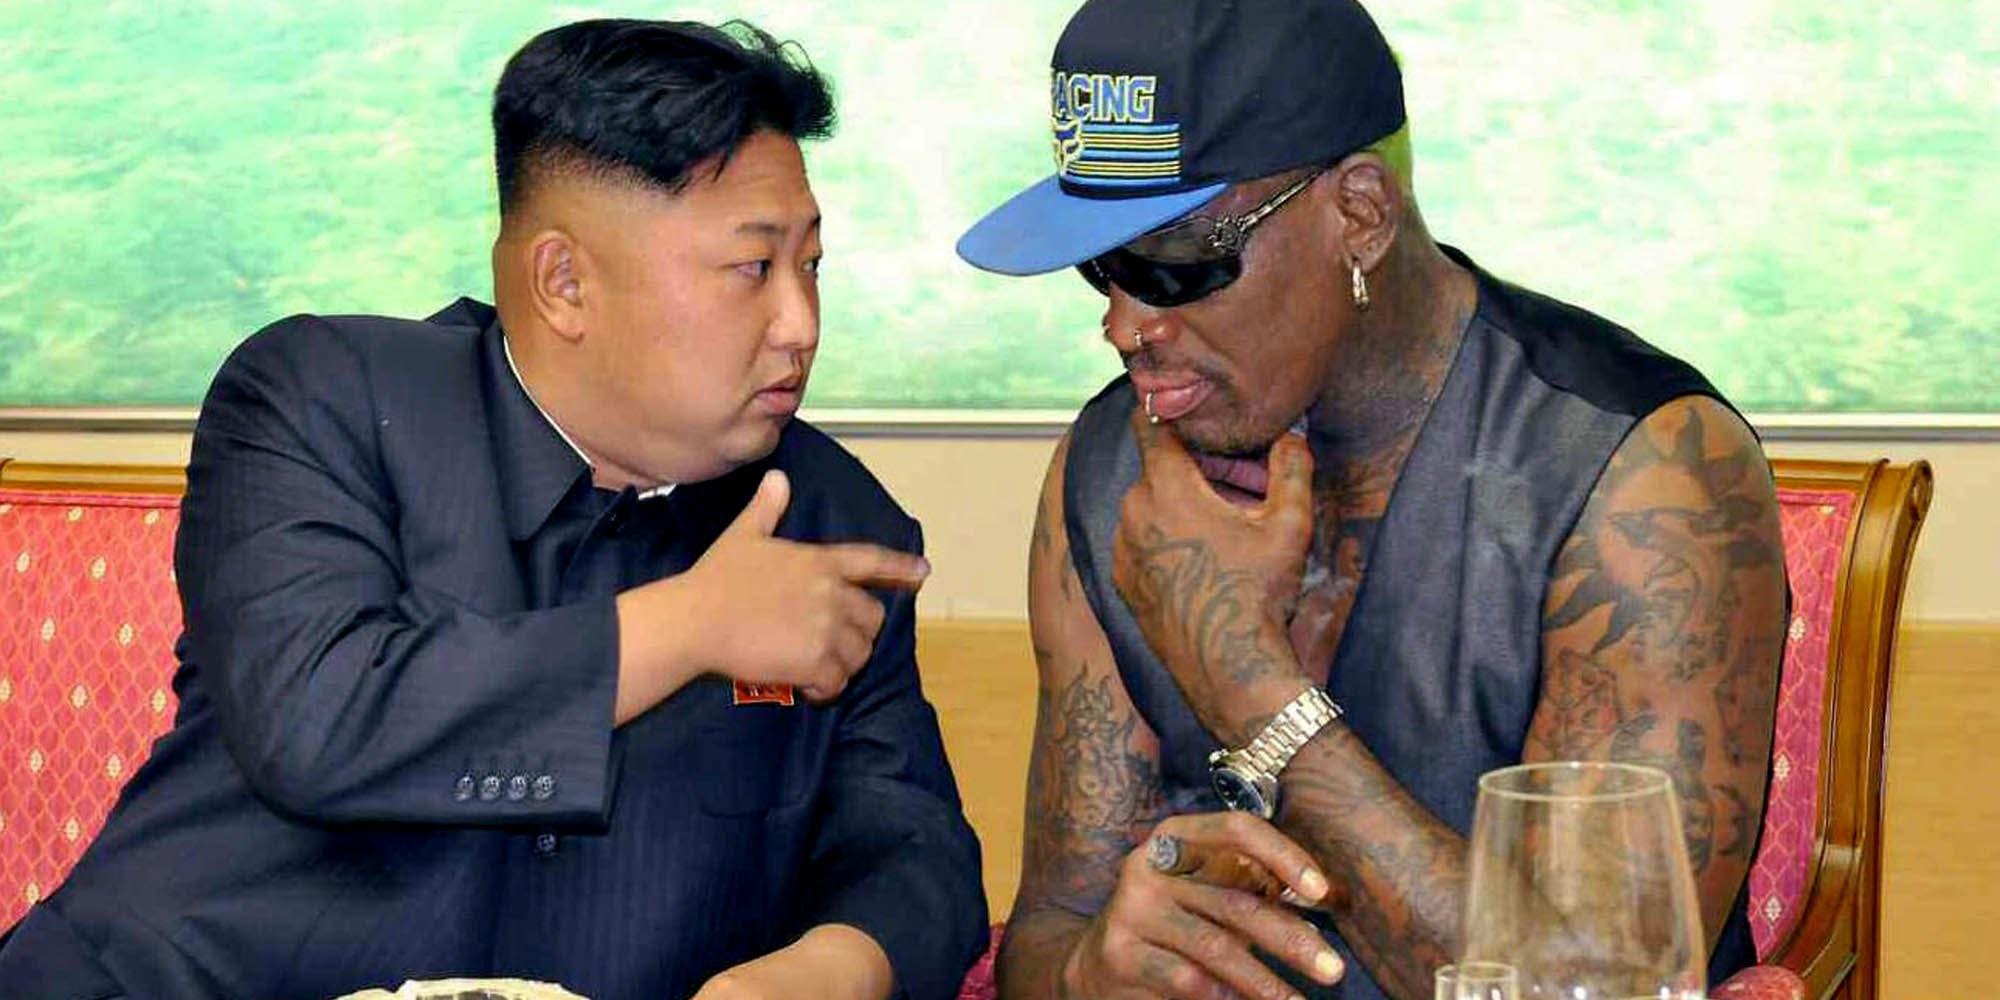 Dennis Rodman Takes Trip To North Korea